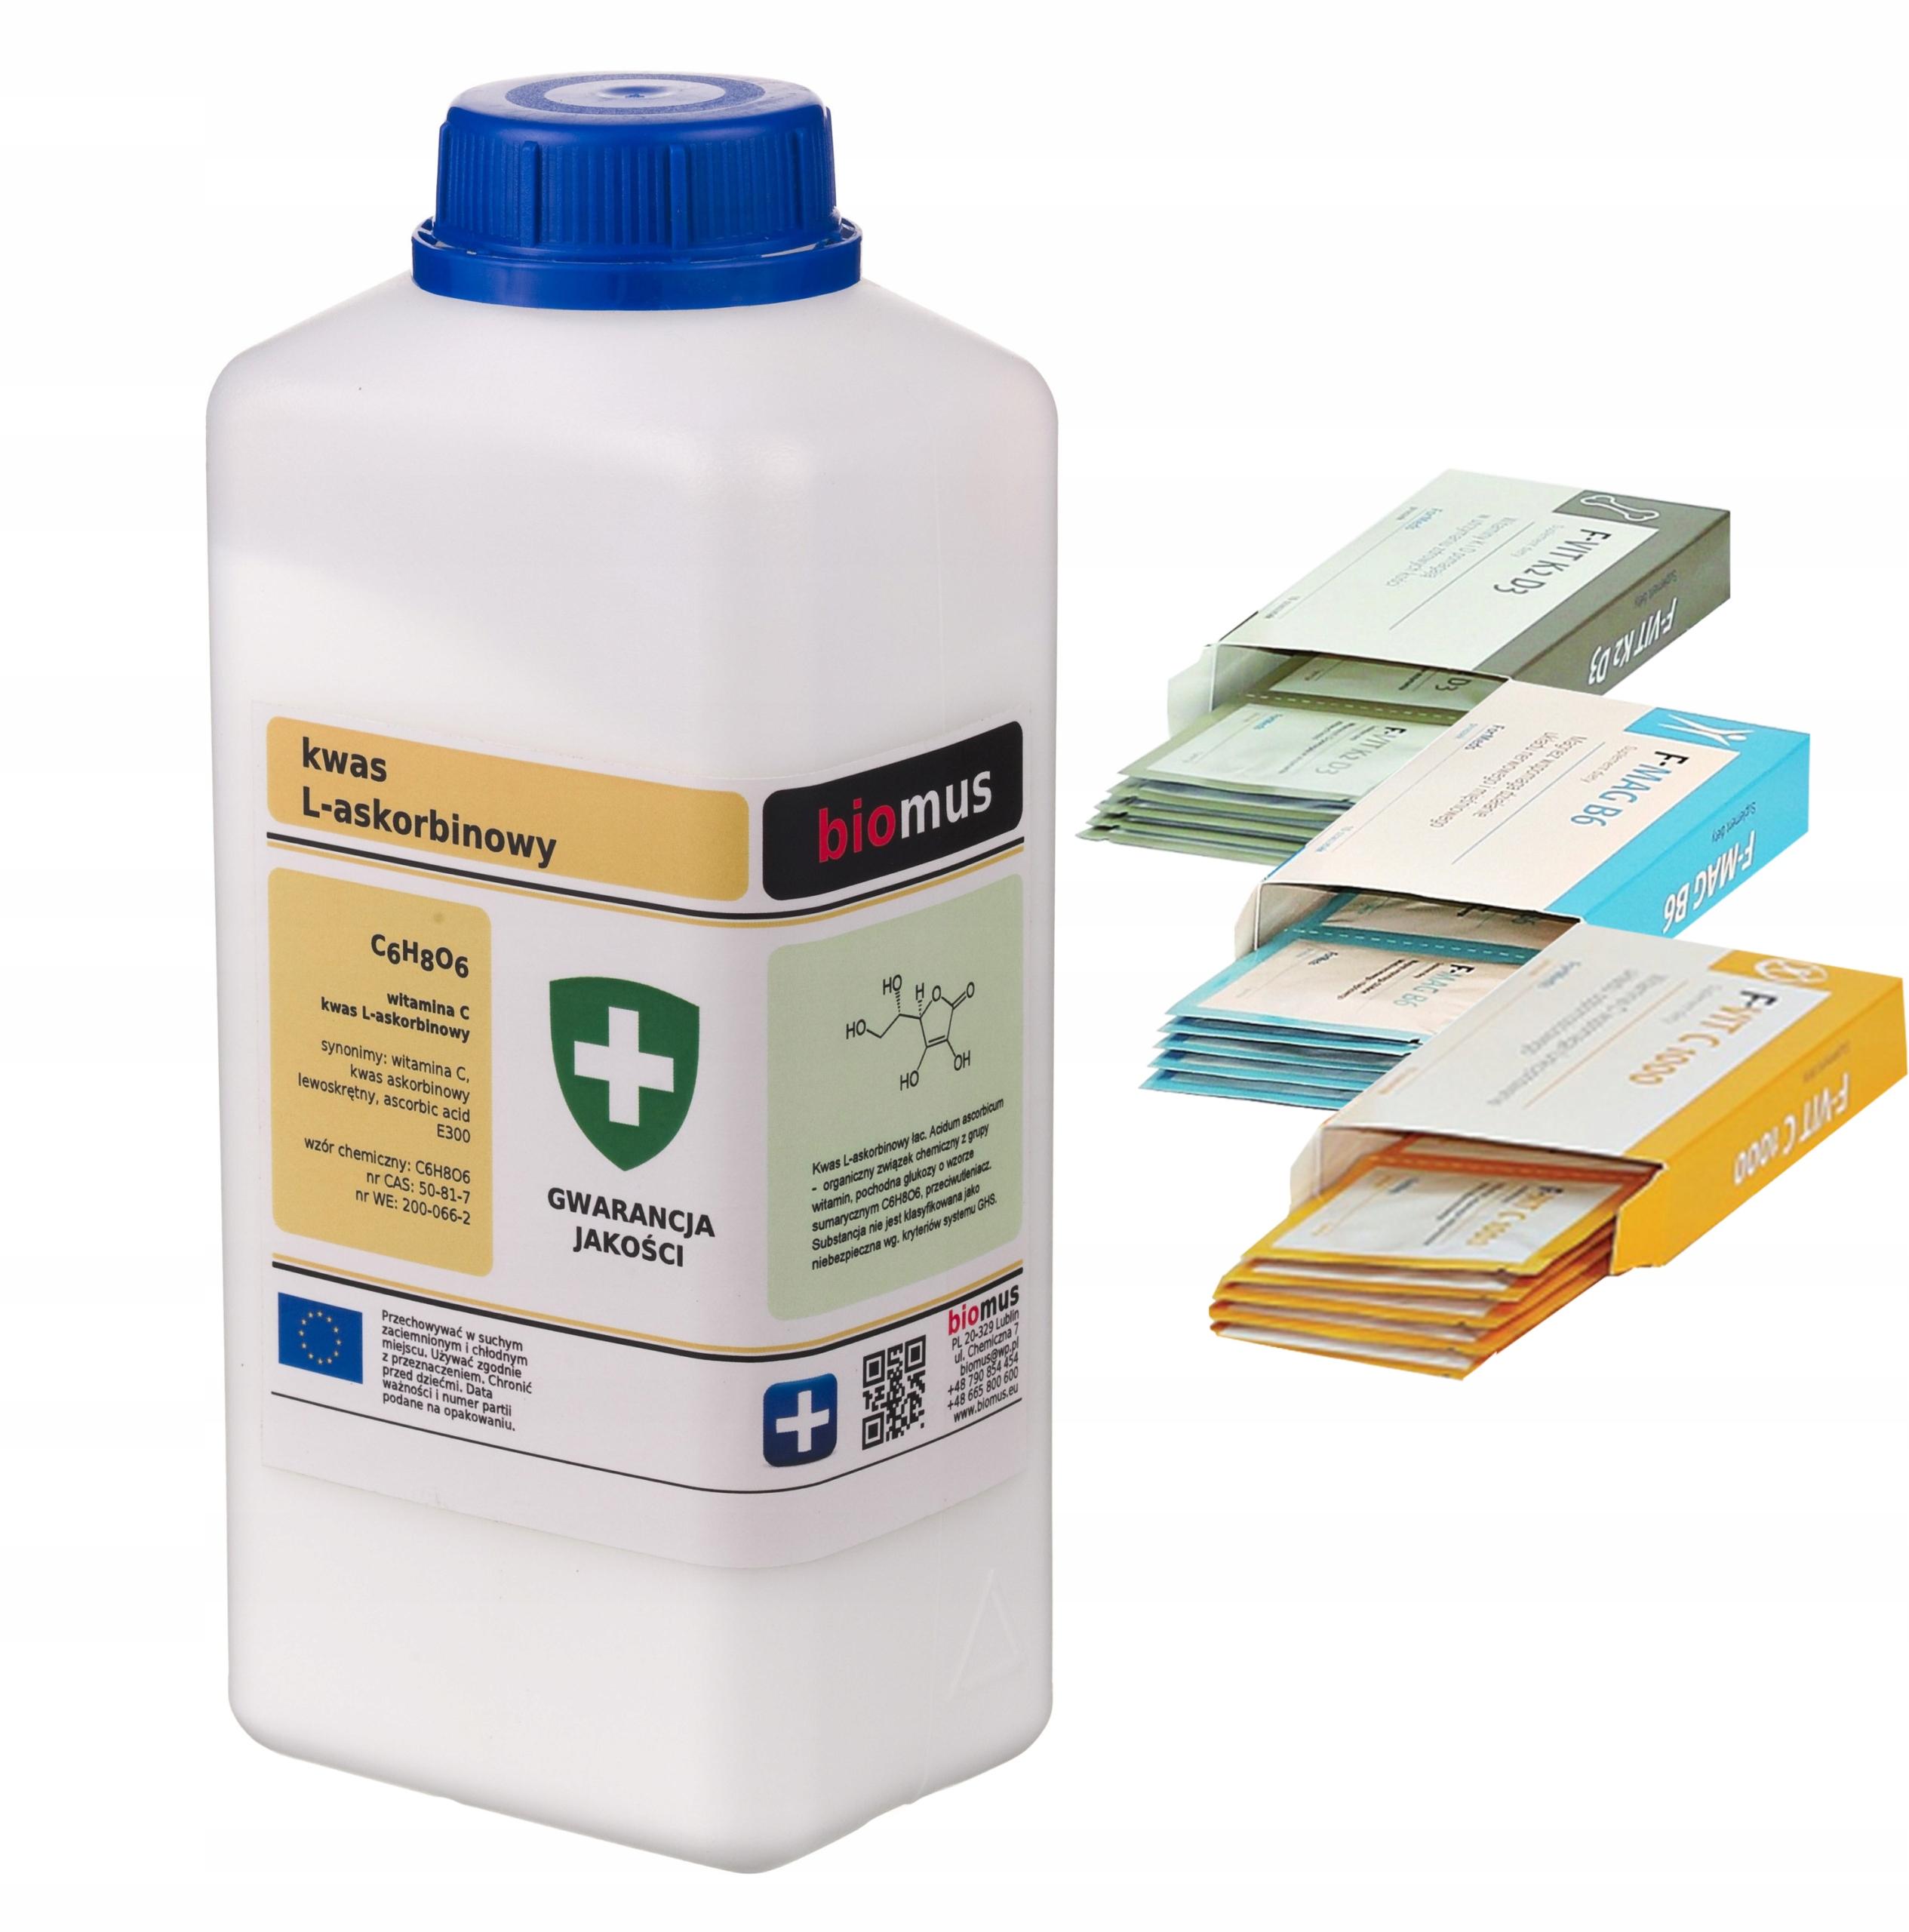 Kwas L askorbinowy Witamina C 1kg 1000 biomus i gif